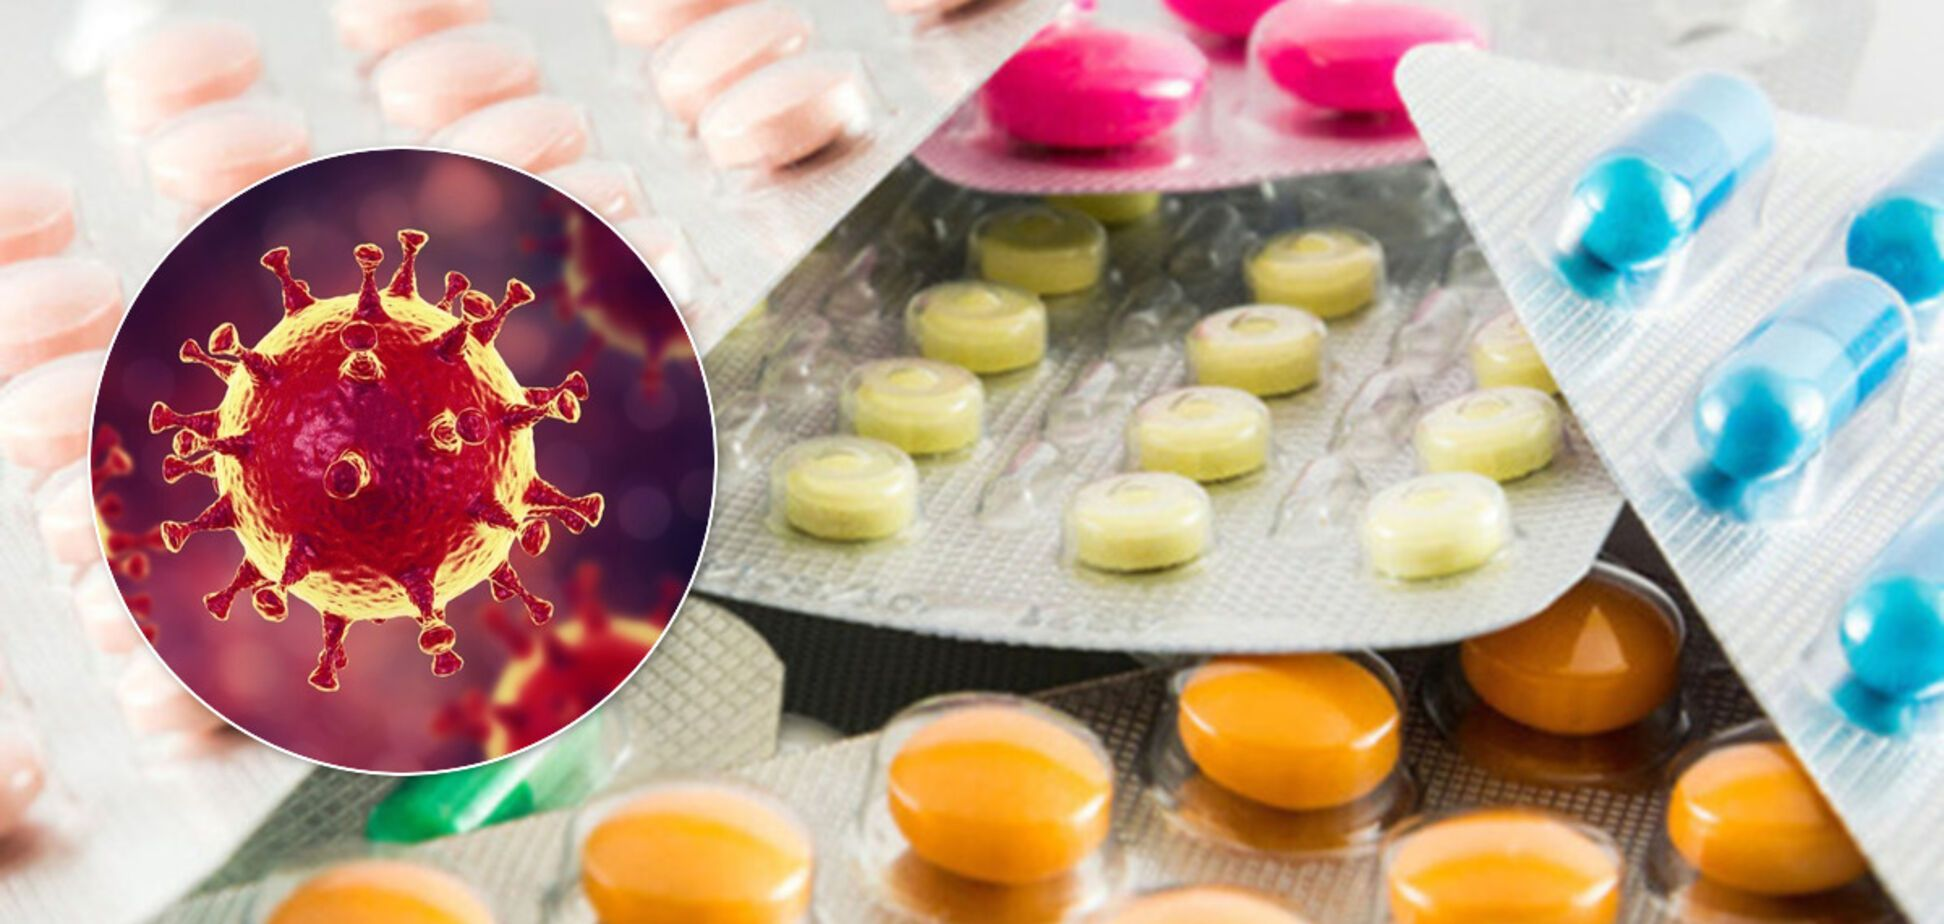 Украина решила закупить лекарство от коронавируса, получившее успех в США